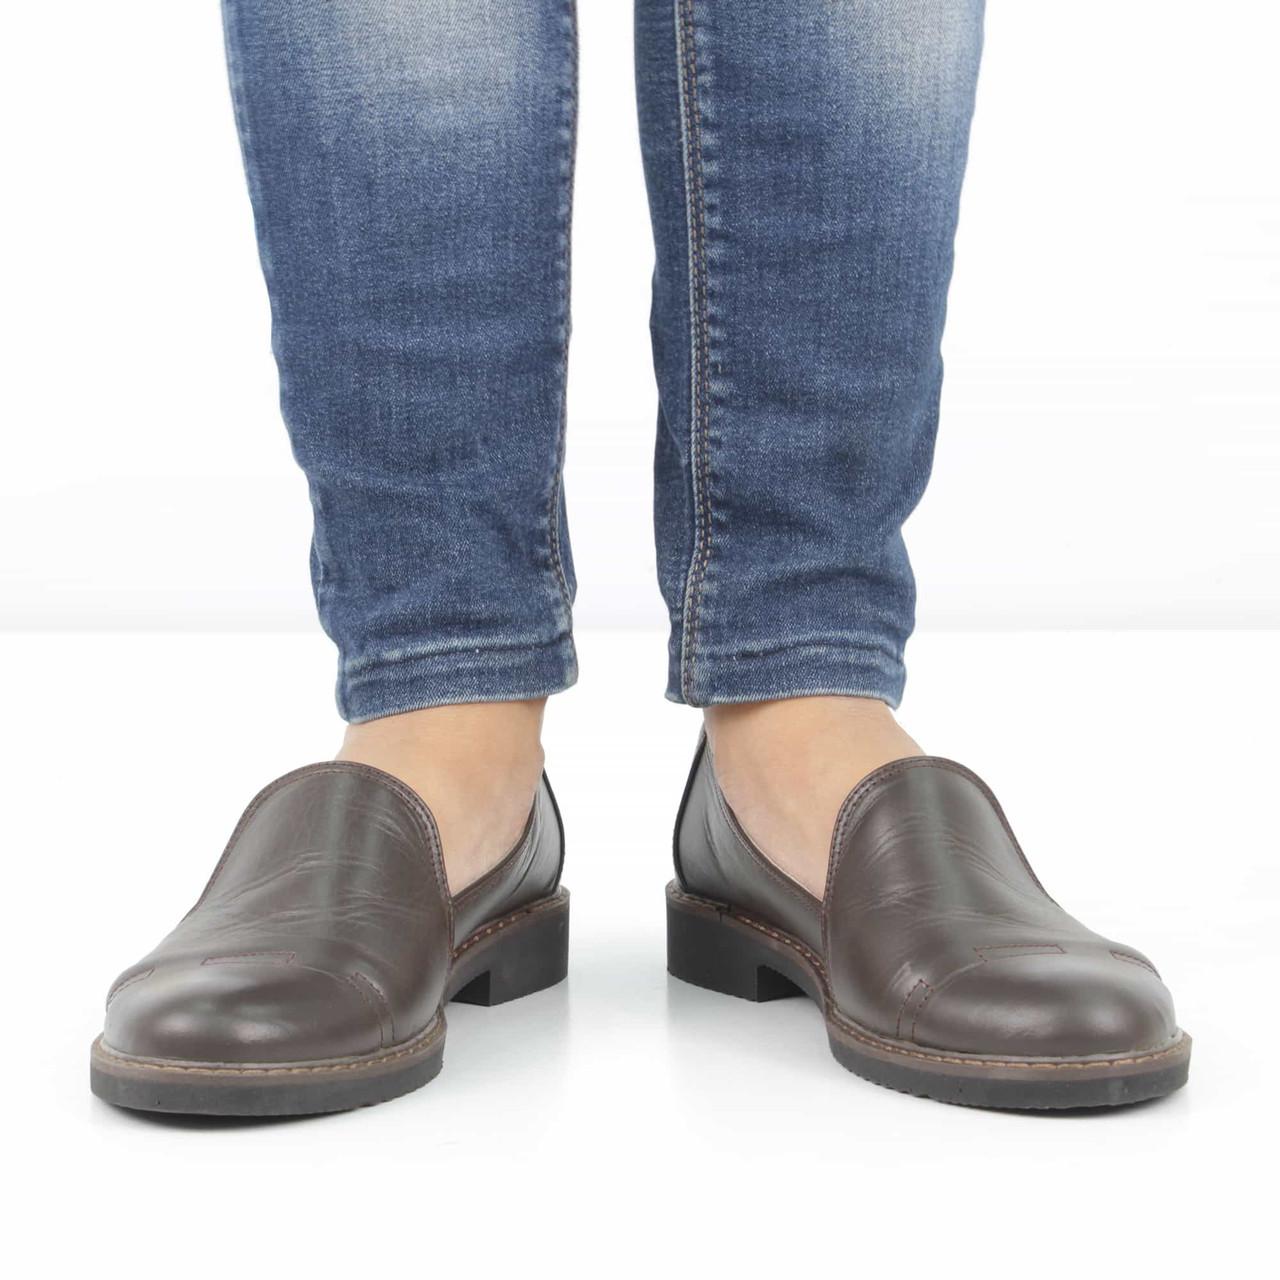 5324e28e4 Кожаные темно-коричневые туфли на низком каблуке (весна-осень), 37 размер  ...